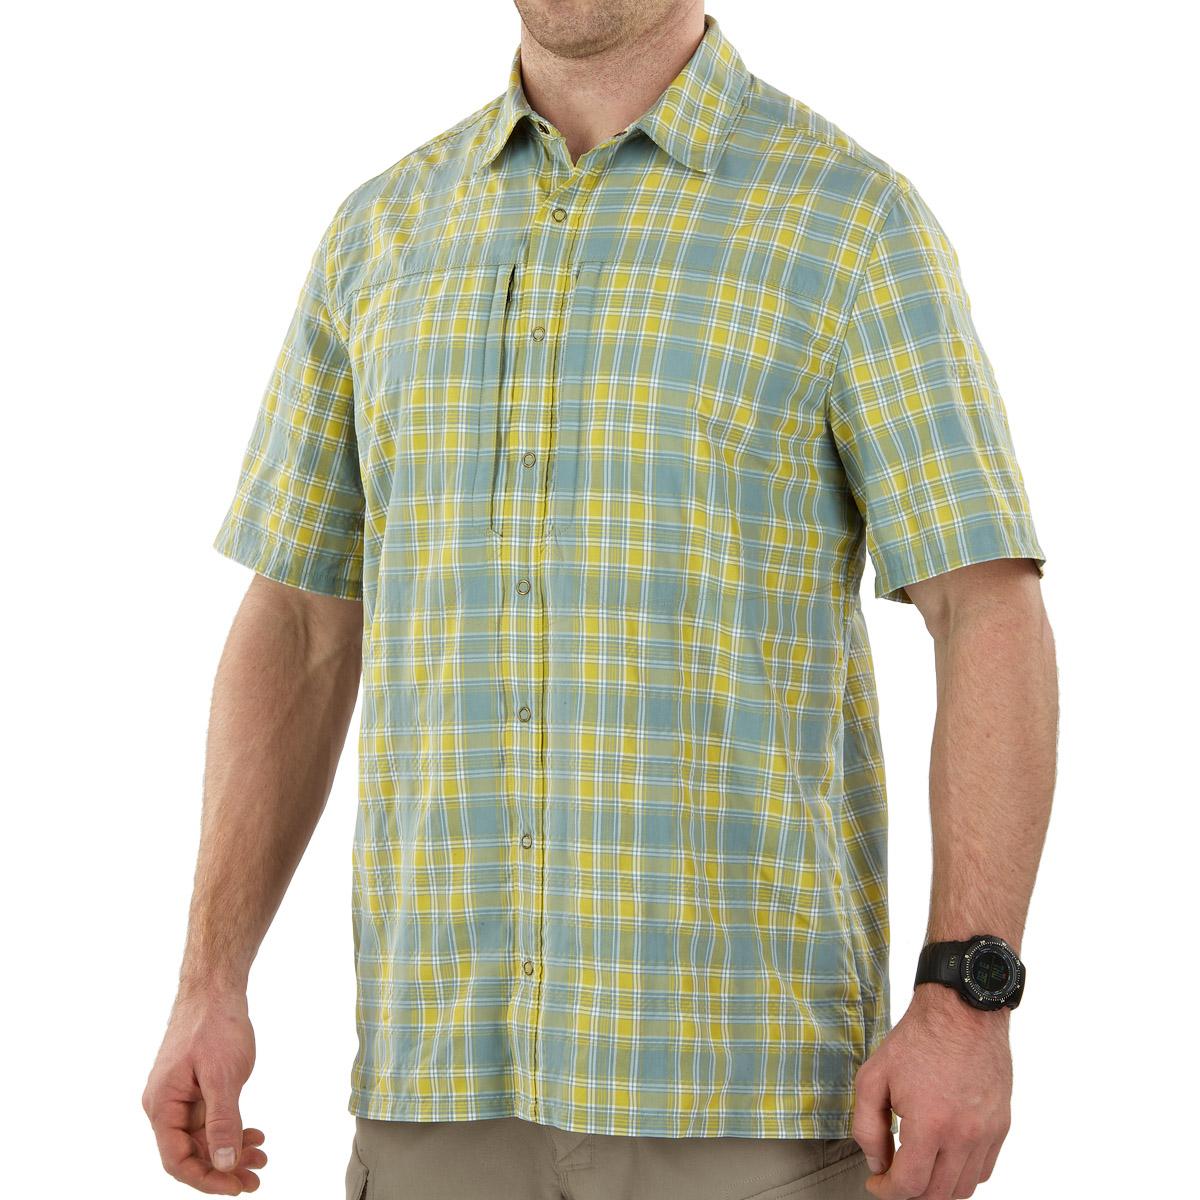 5.11 Tactical Covert Mens Shirt Performance Short Sleeve ...